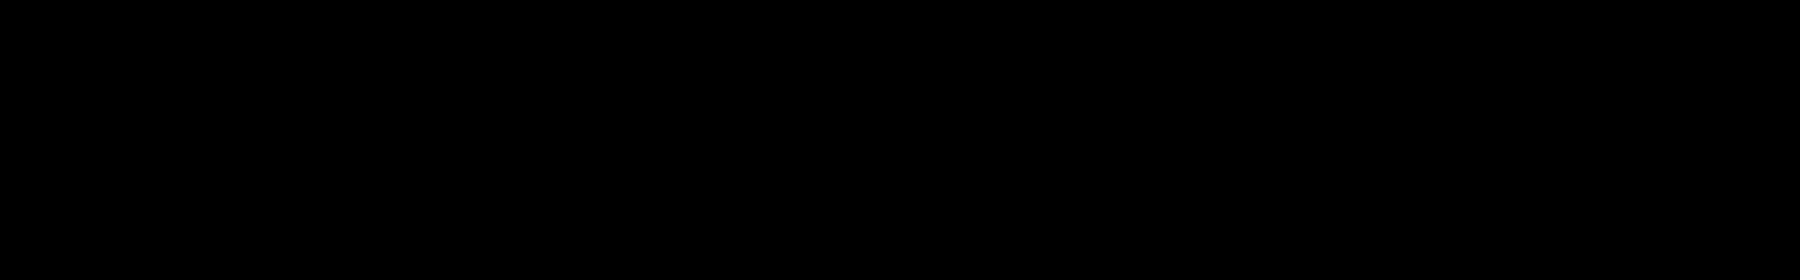 SCORPIUS audio waveform